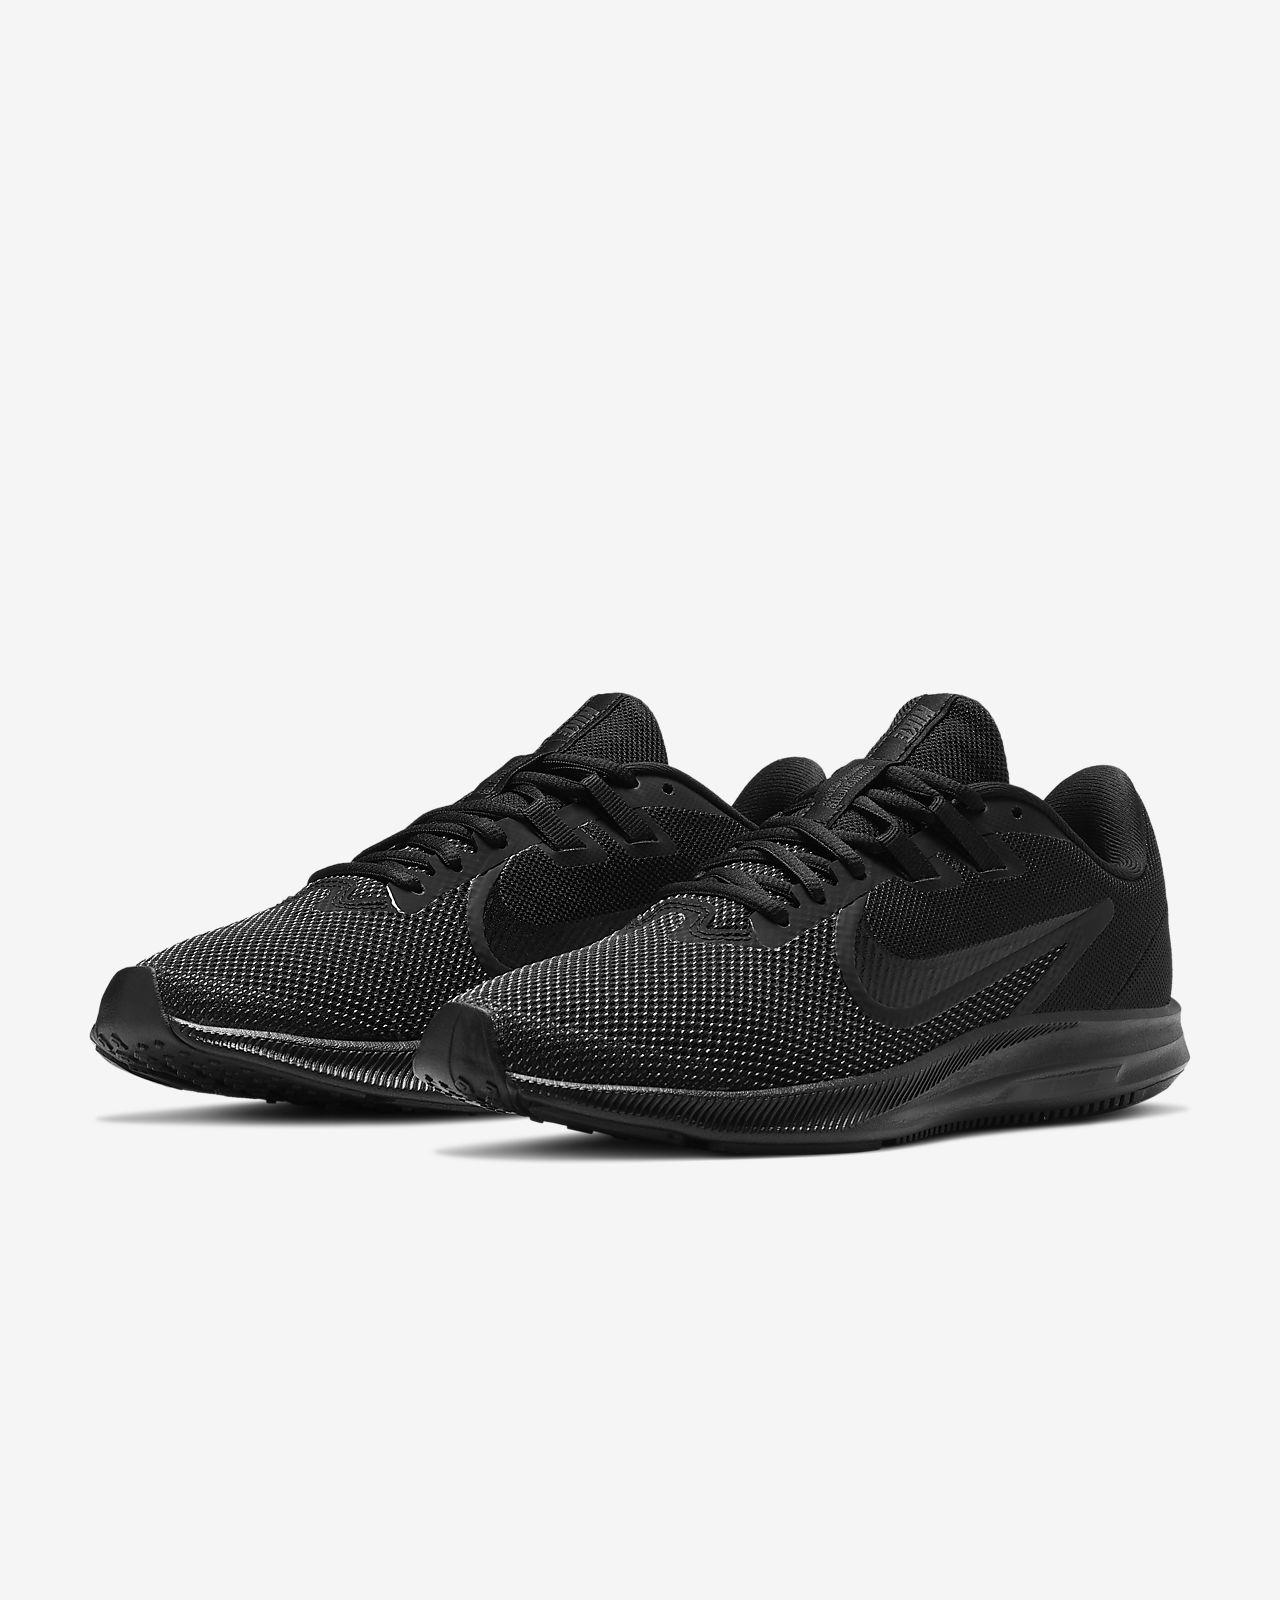 Nike Downshifter 9 Hardloopschoen voor dames